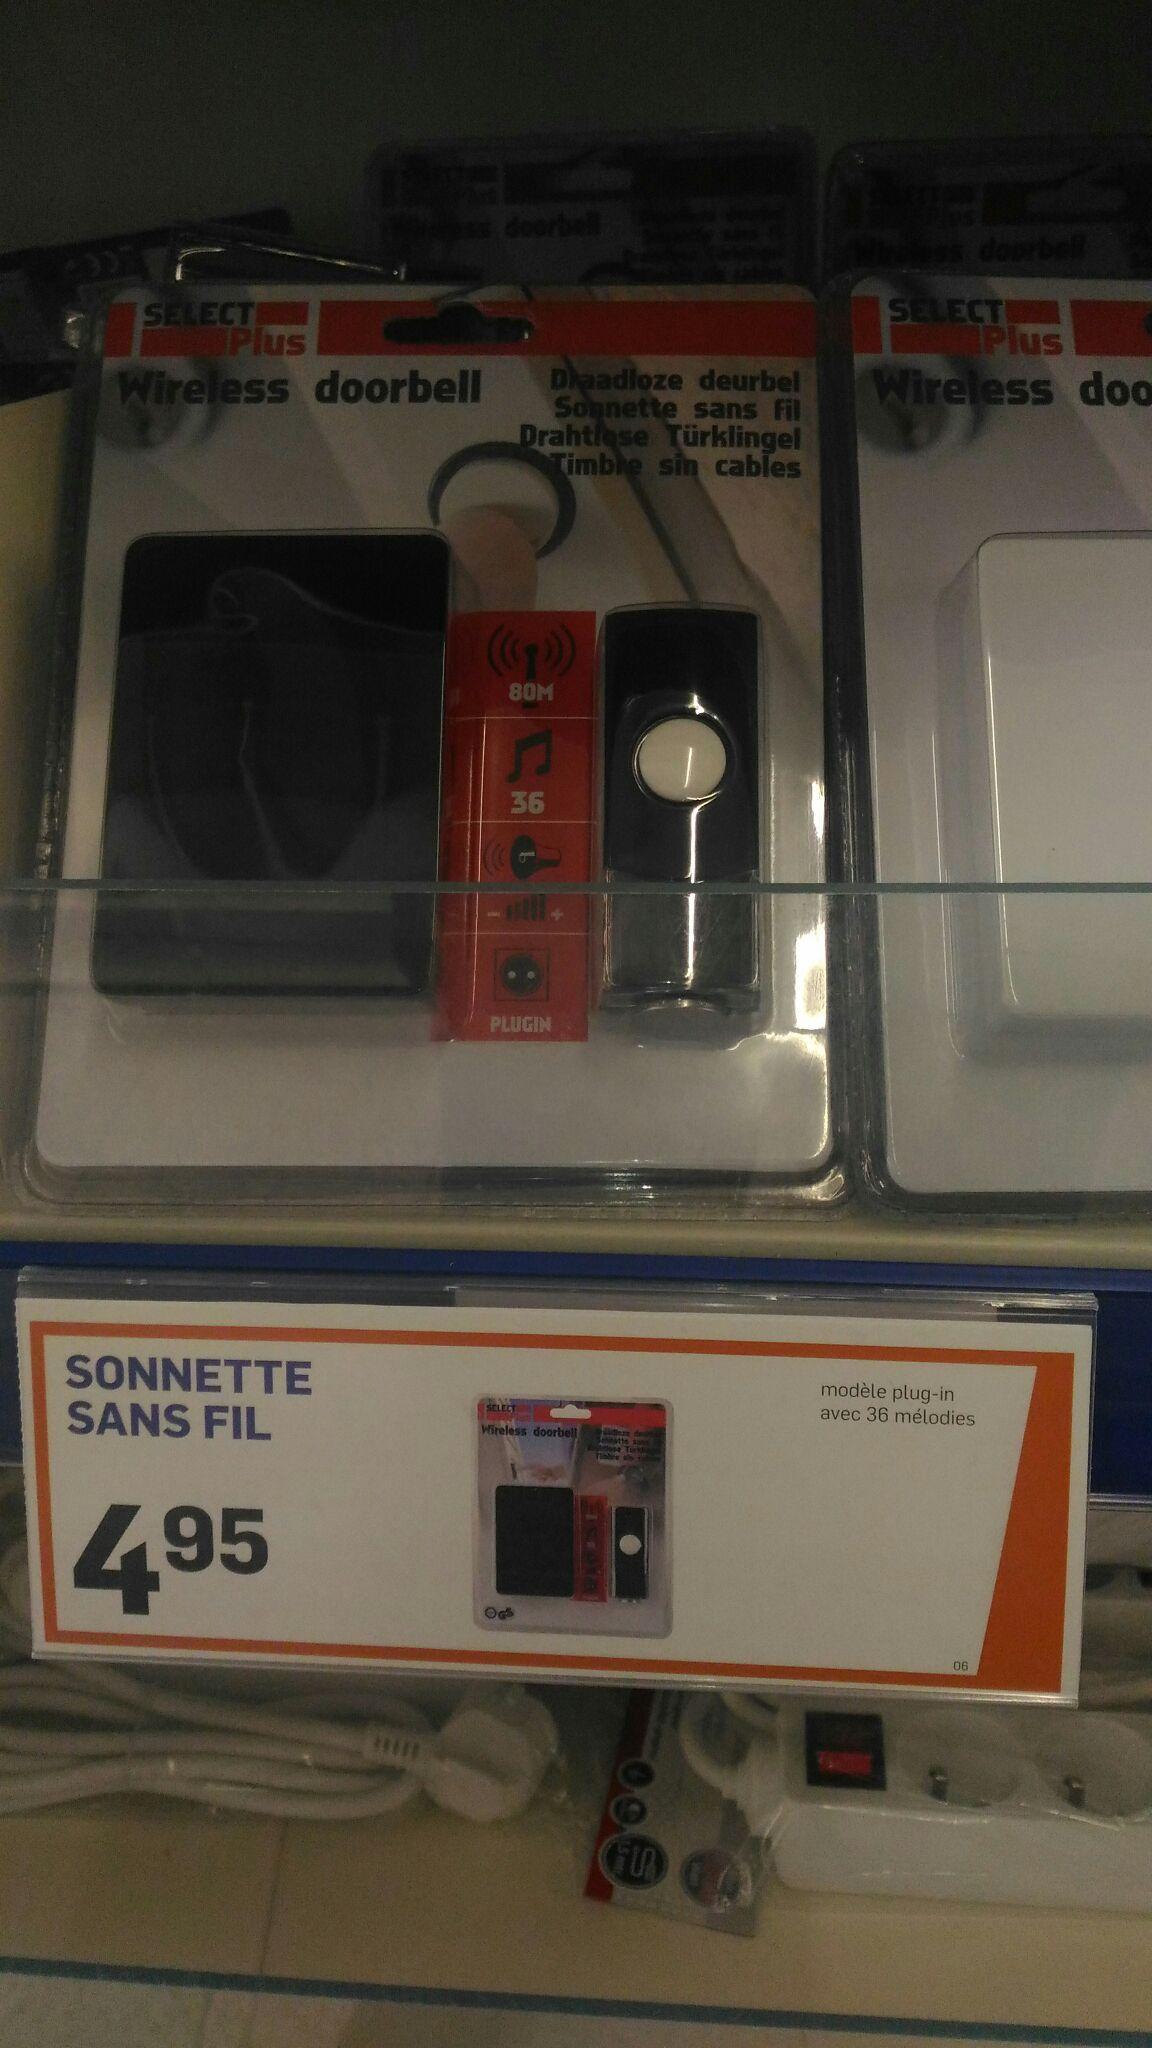 Sonnette sans fil Select Plus